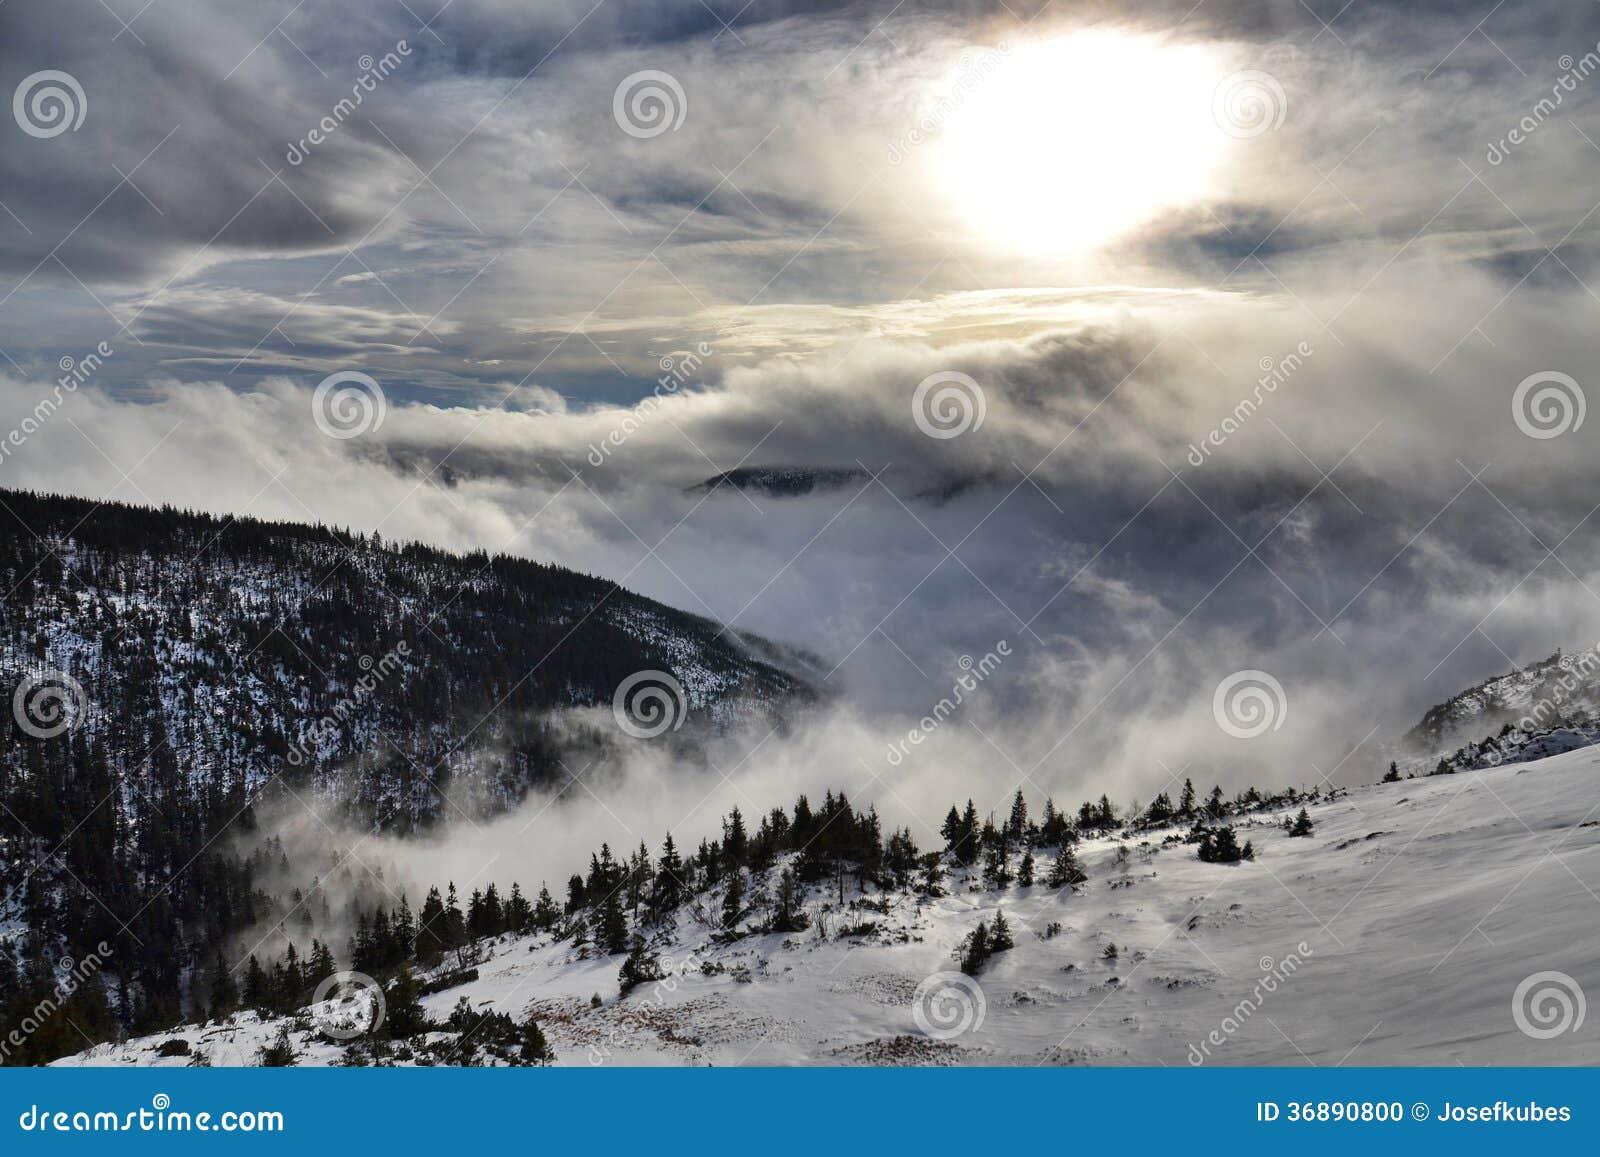 Download Paese di Snowy fotografia stock. Immagine di costruzione - 36890800